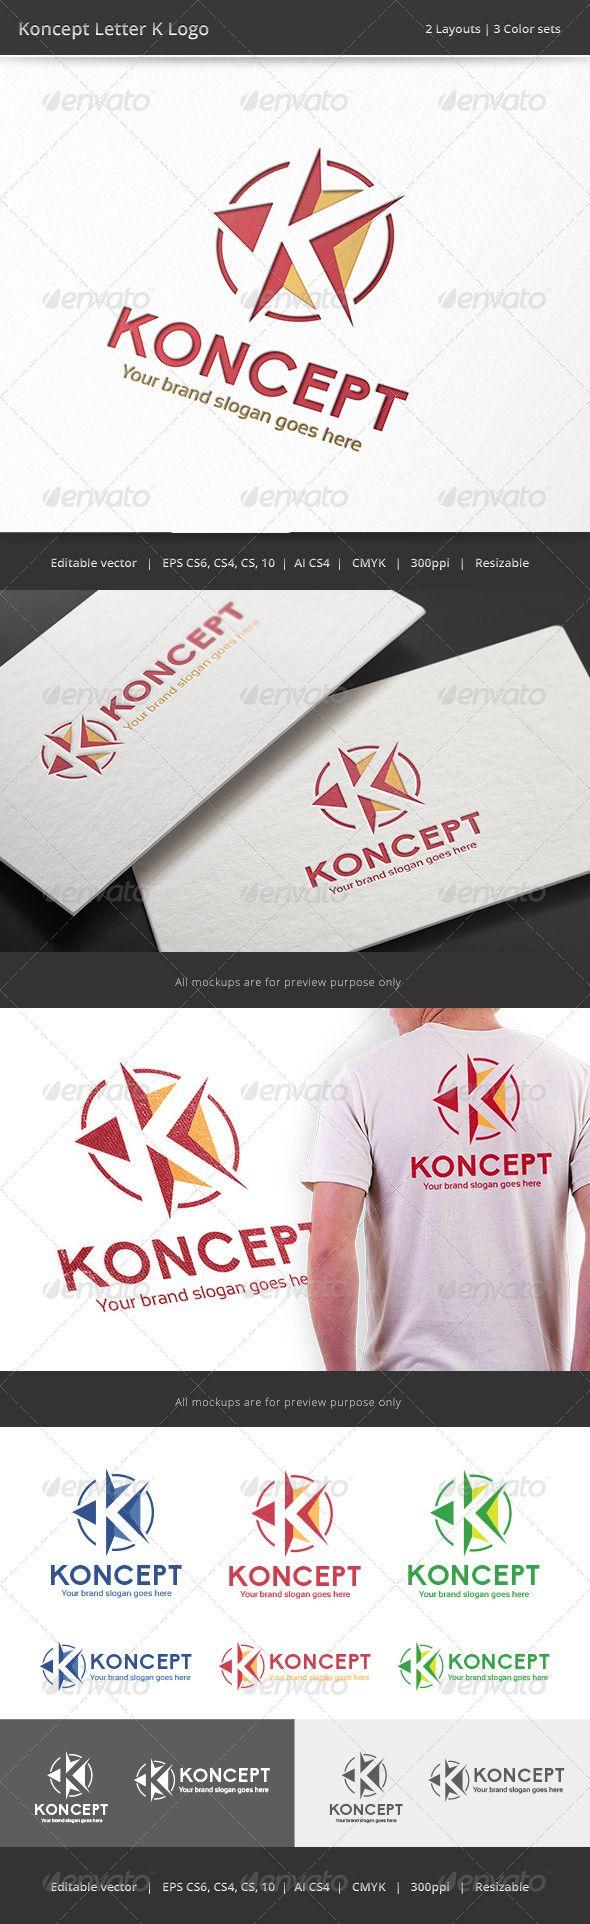 Koncept Letter K Logo K logos, Circle logos inspiration